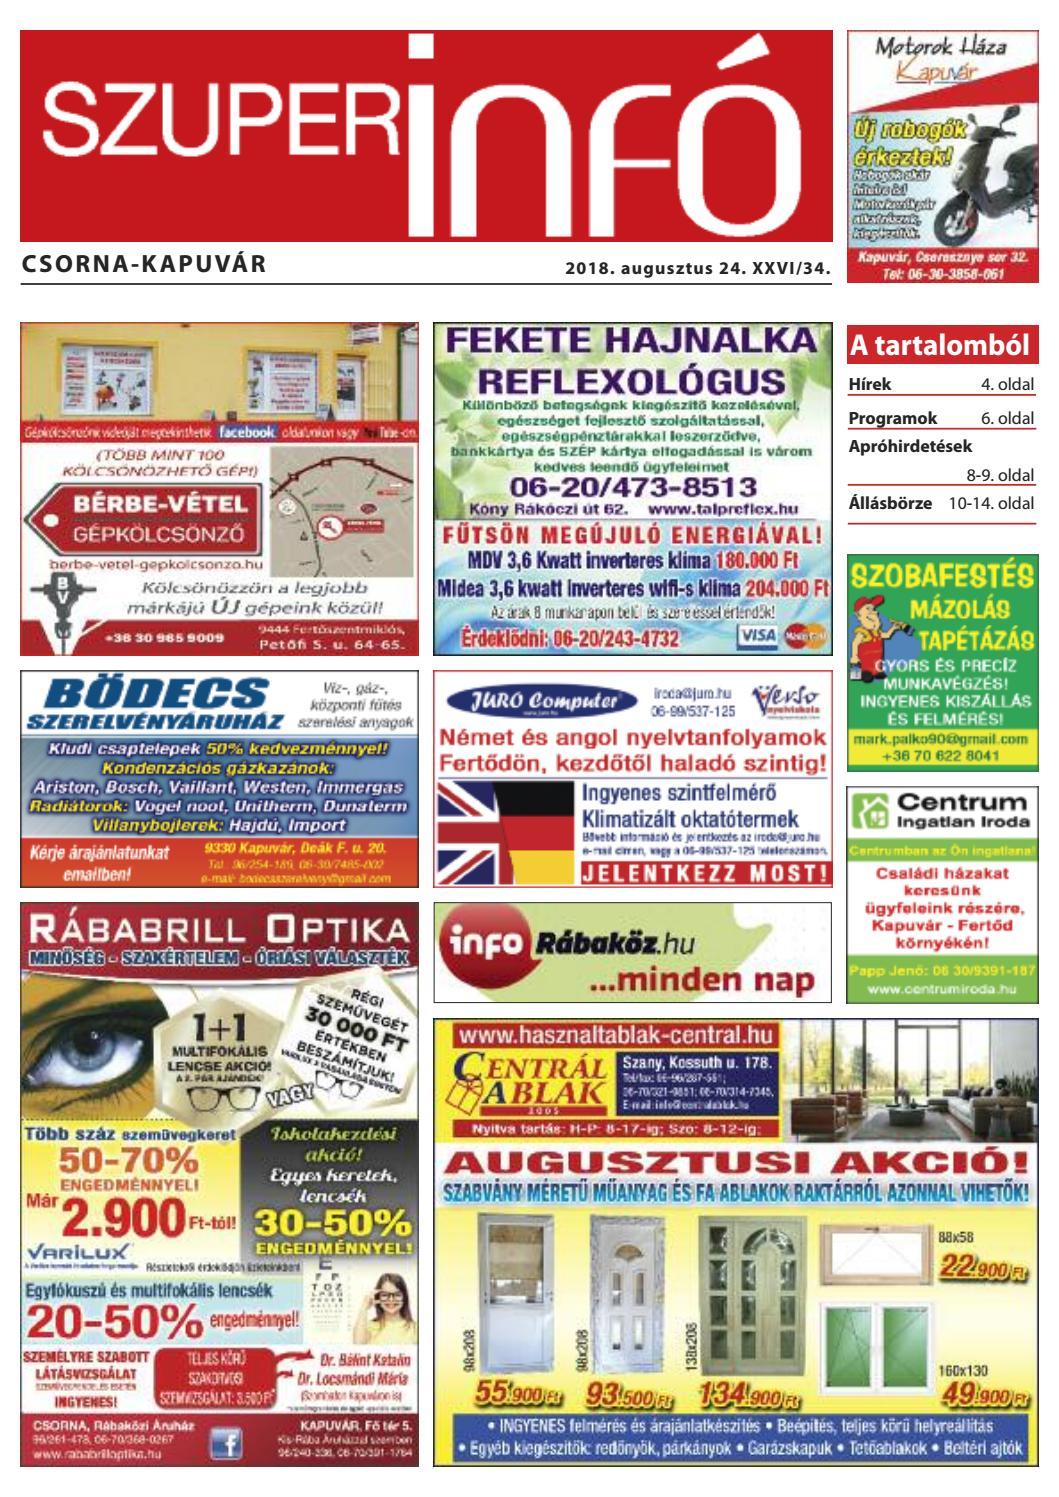 0fe6d1b12078 Csorna-Kapuvár Szuperinfó 34. hét by Info Rbakoz - issuu